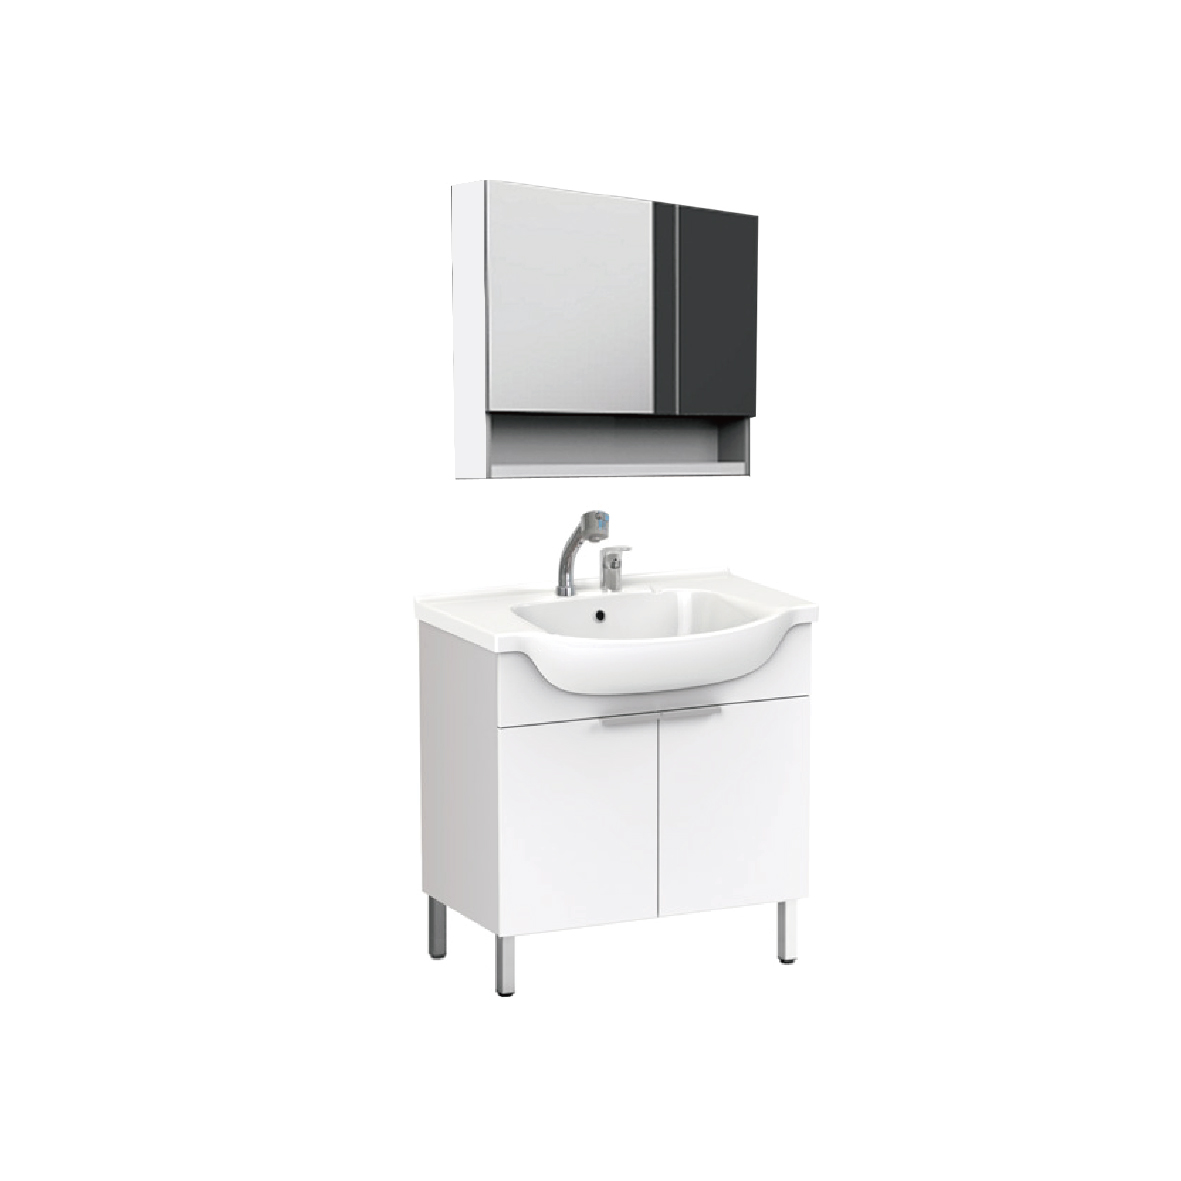 美标 新科德系列落地式浴室家具800(含盆及龙头)